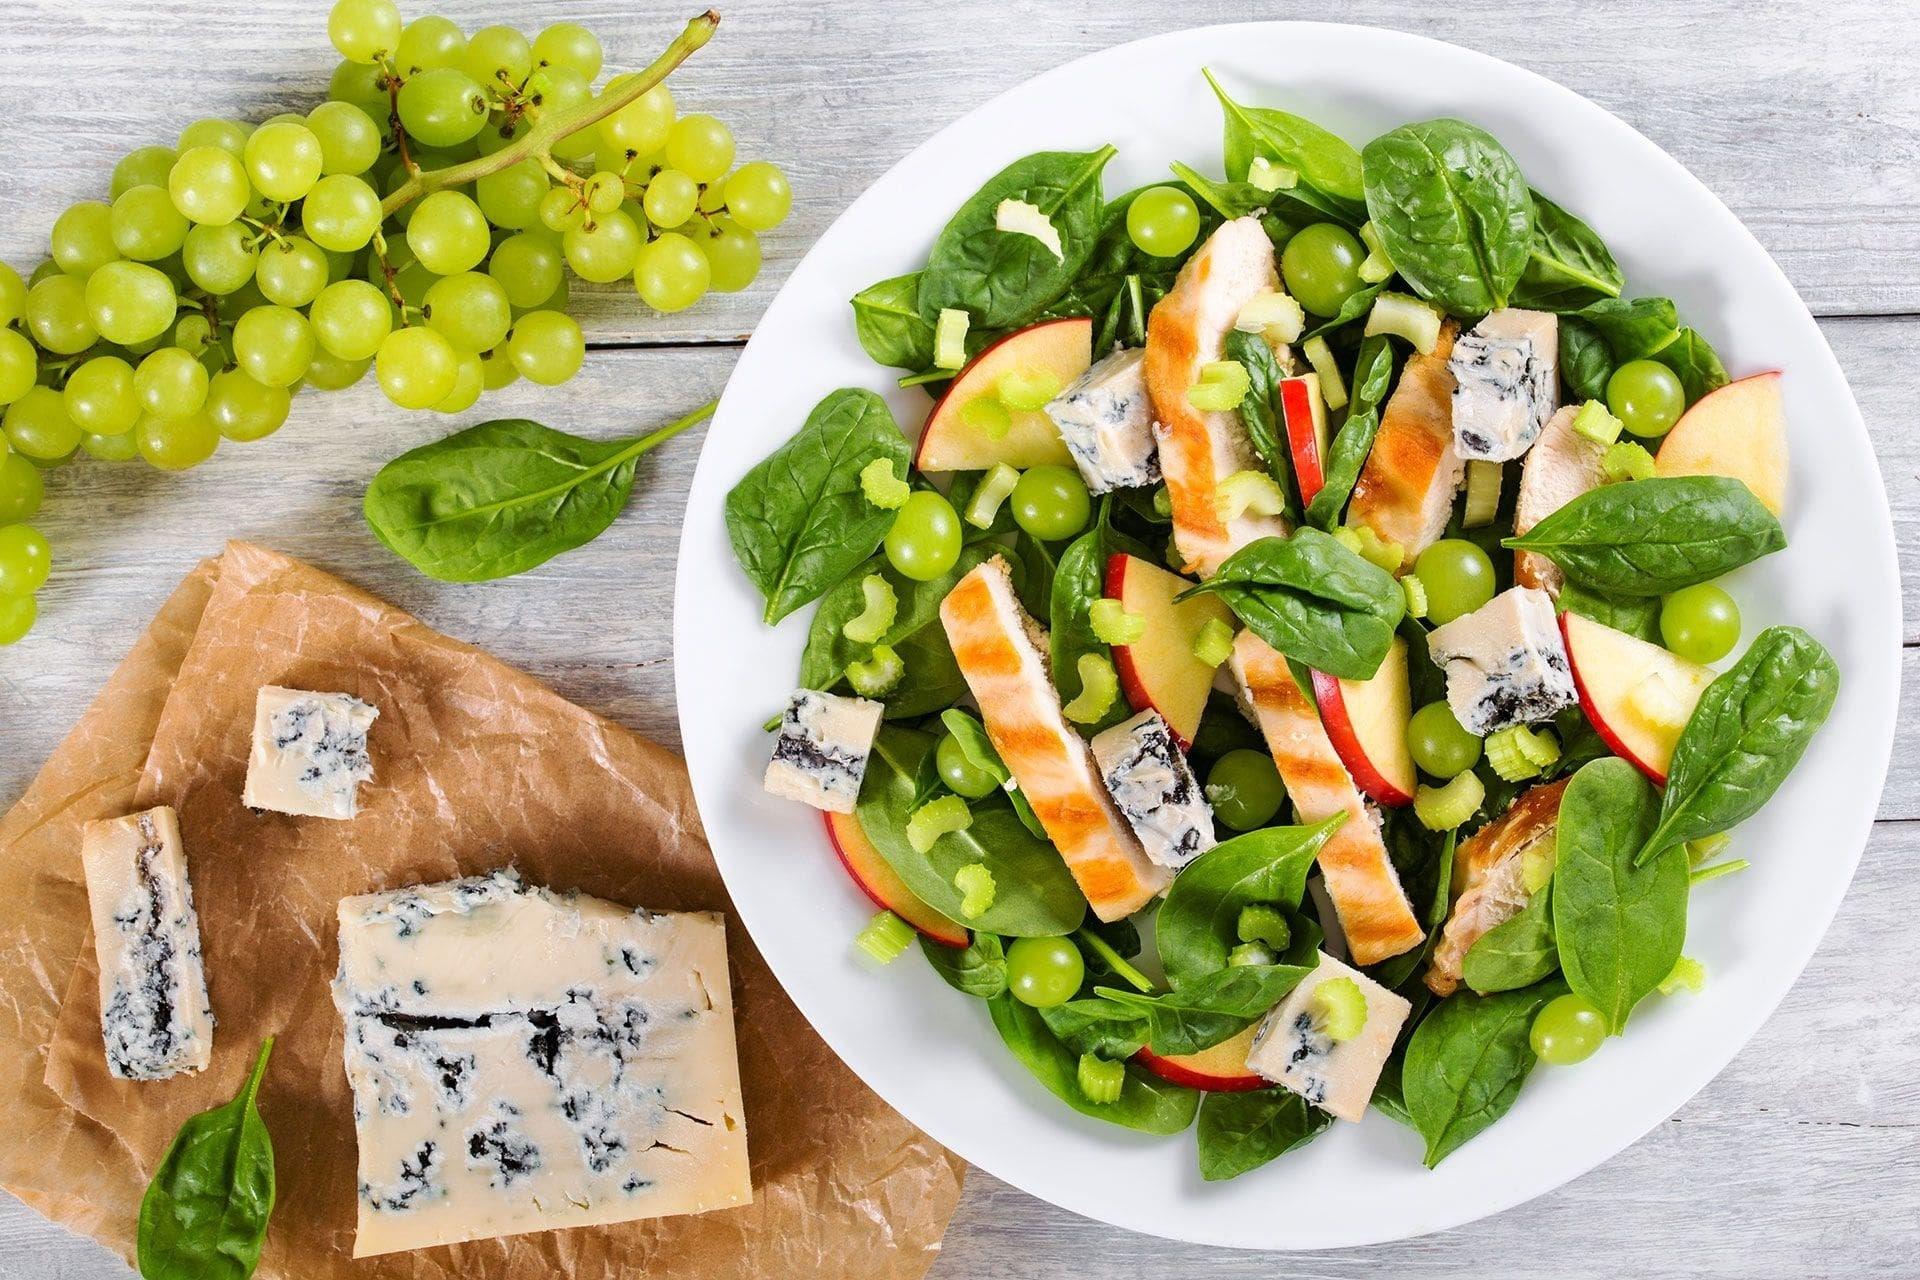 Sałatka z winogron - przepis na sycące i lekkie danie, pełne wartości odżywczych.